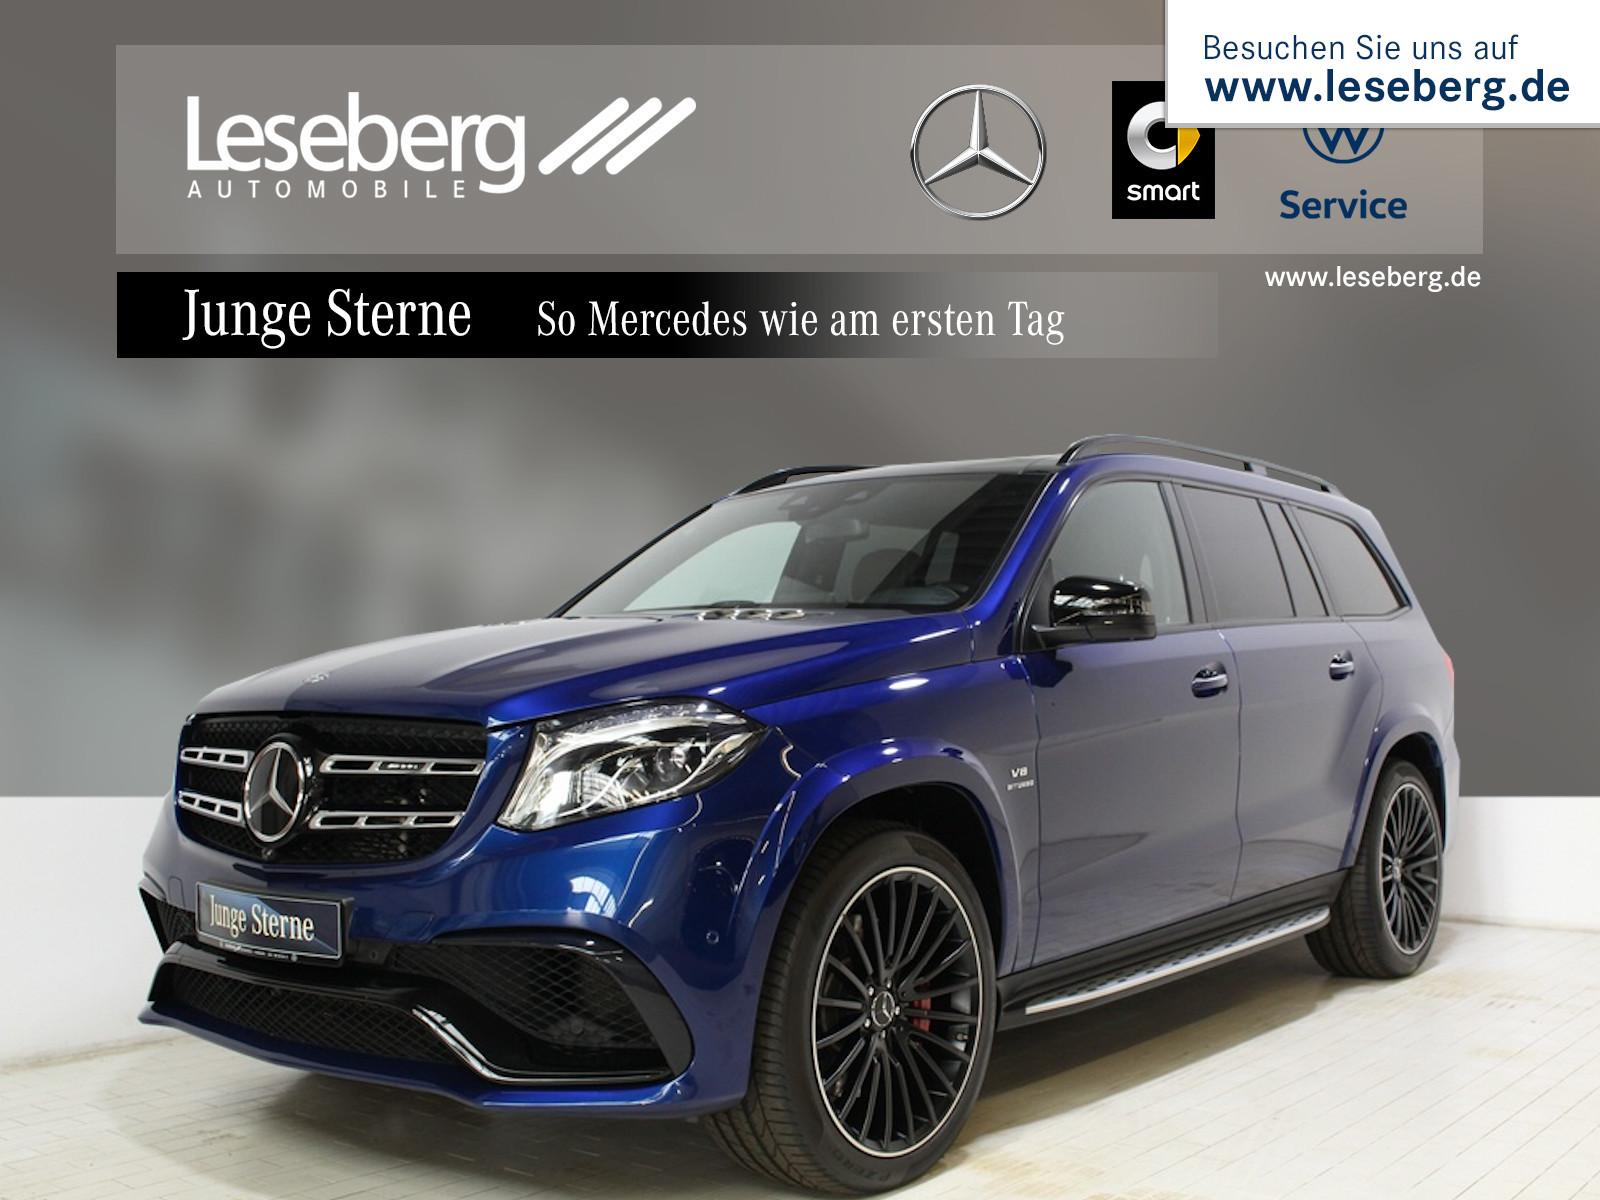 Mercedes-Benz Mercedes-AMG GLS 63 4M Night/Pano/Distr/360°/B&O, Jahr 2019, Benzin